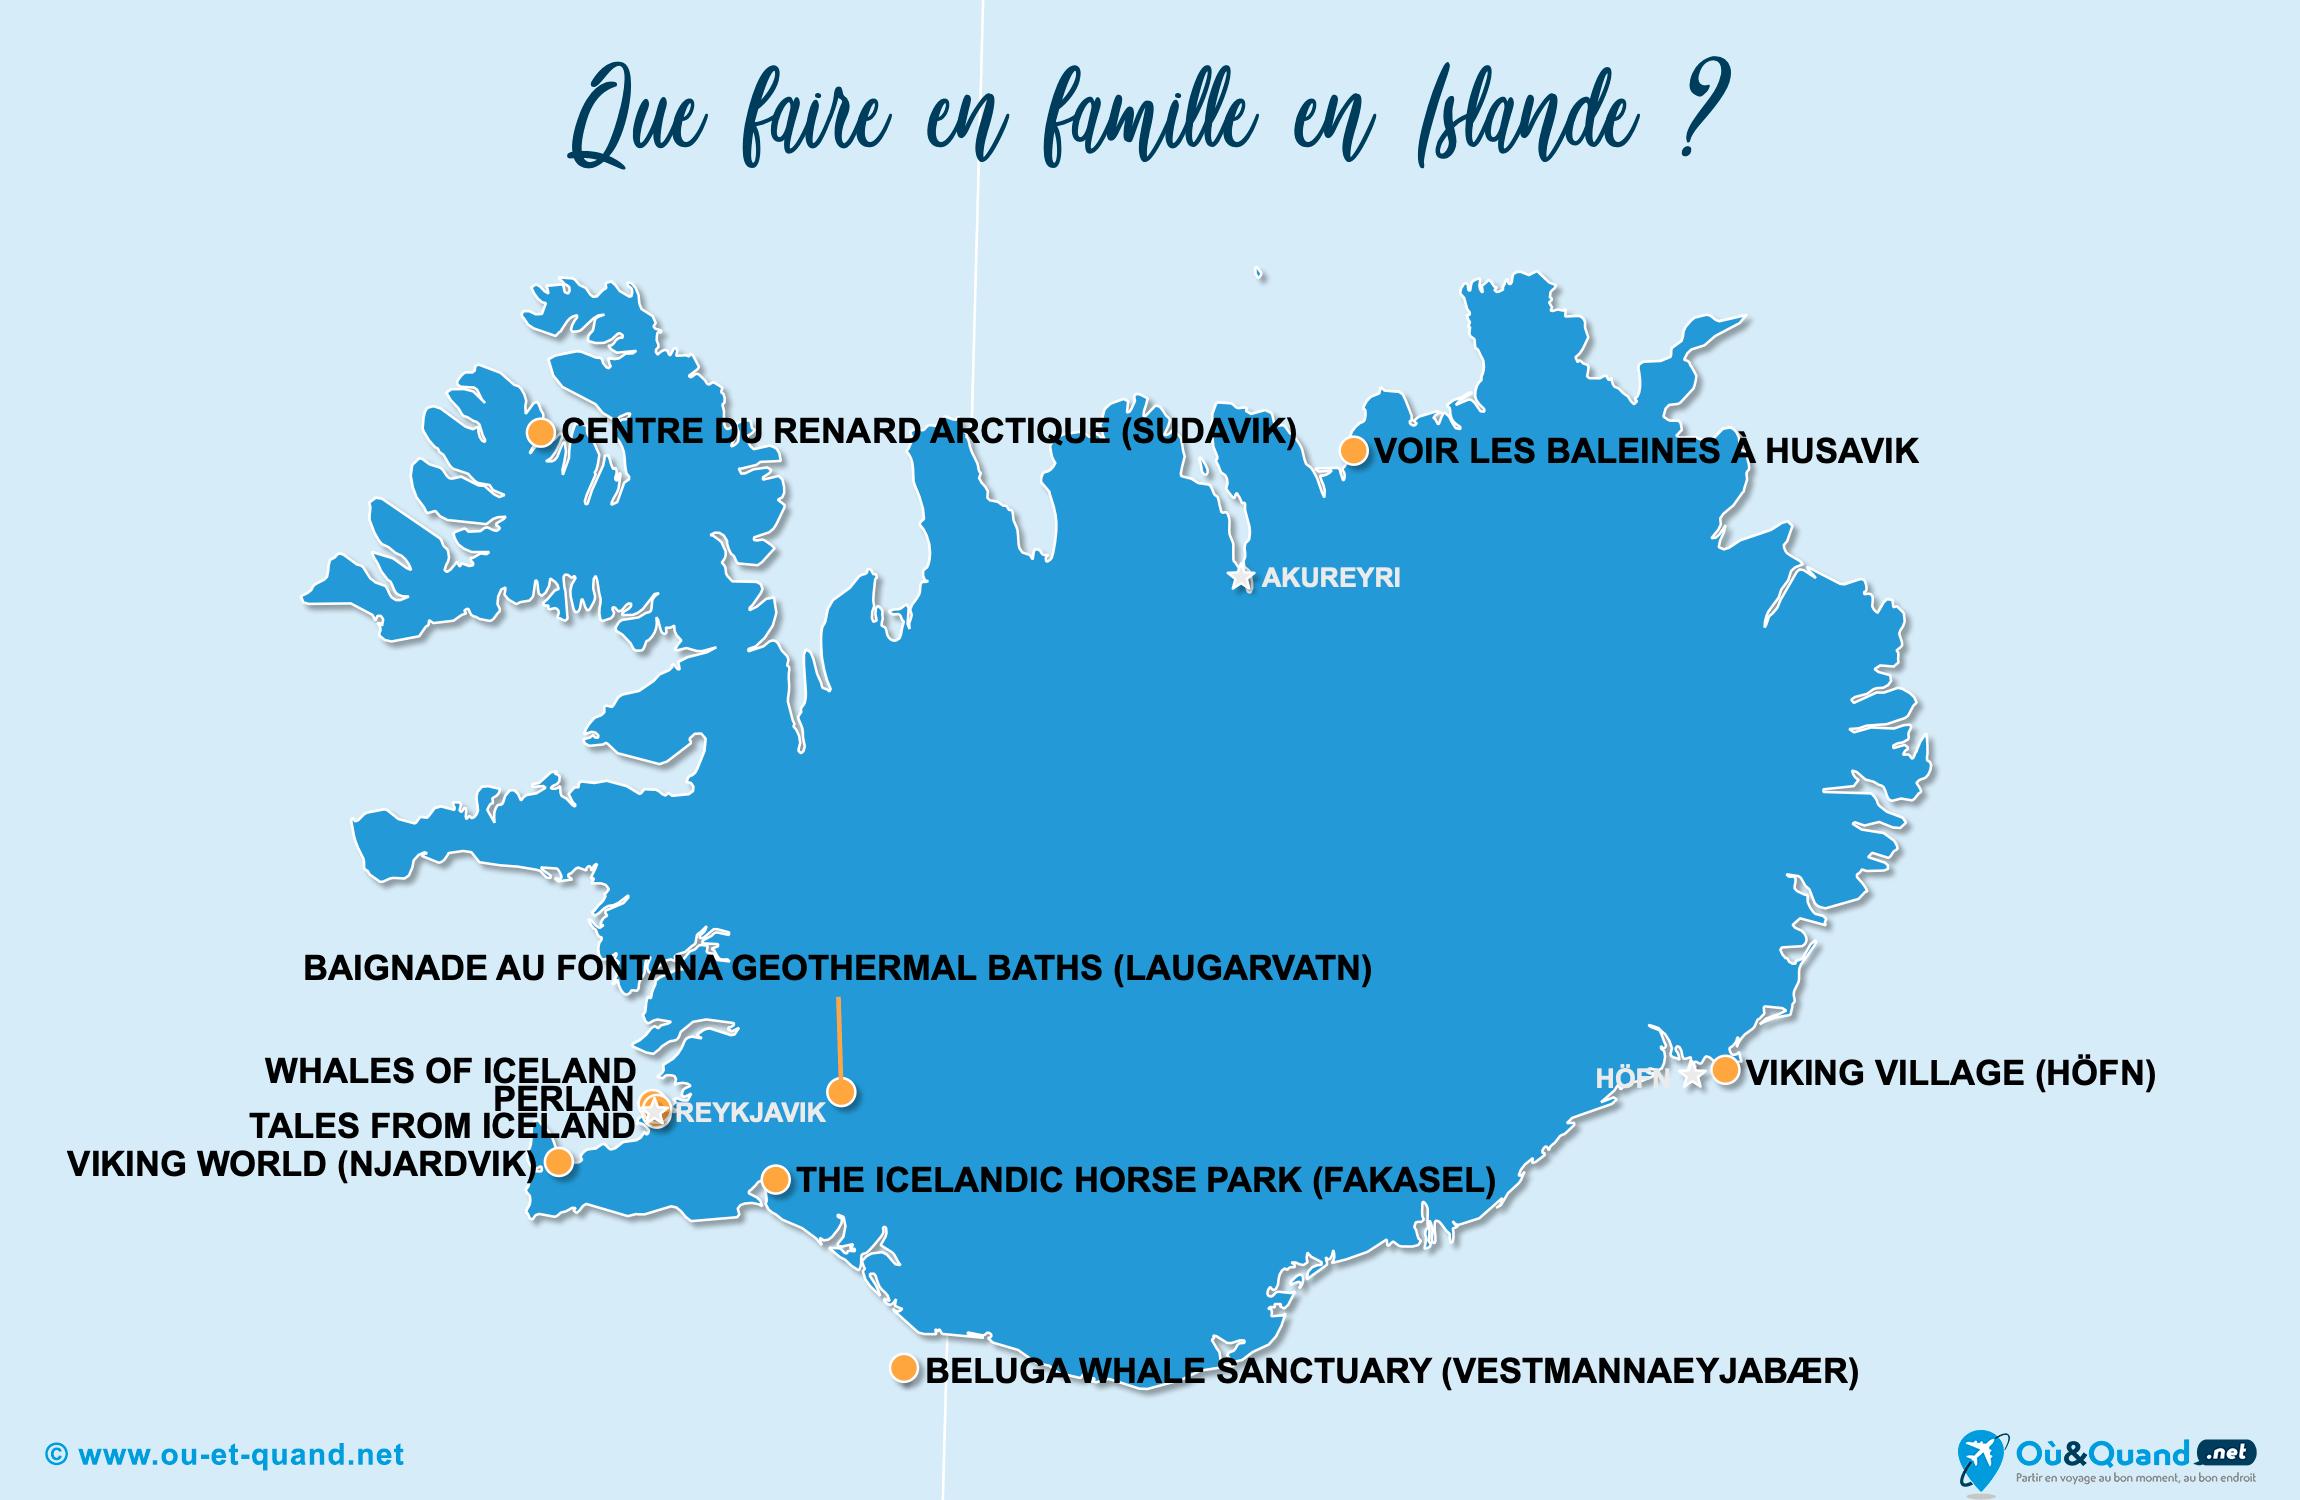 Carte Islande : L'Islande en famille